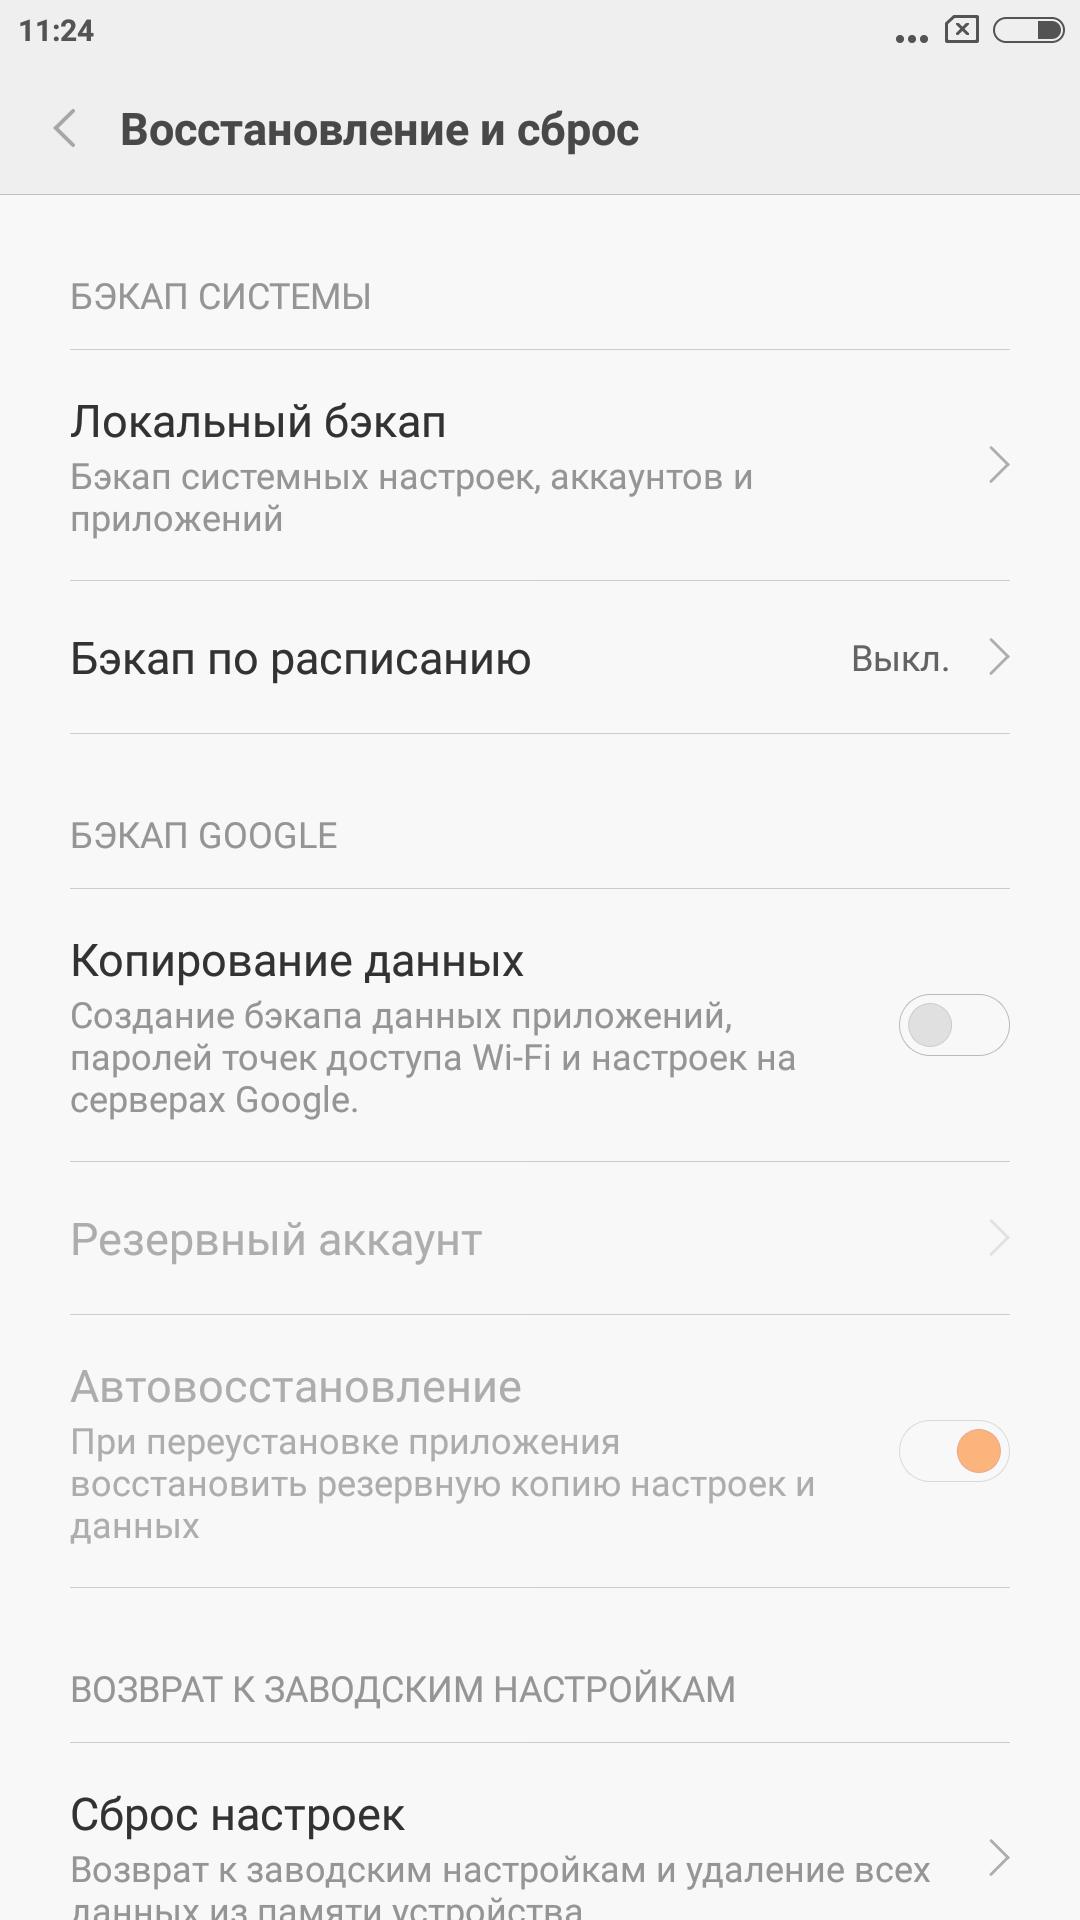 Обзор лучшего бюджетника 2015 года — Xiaomi Redmi Note 2 - 40